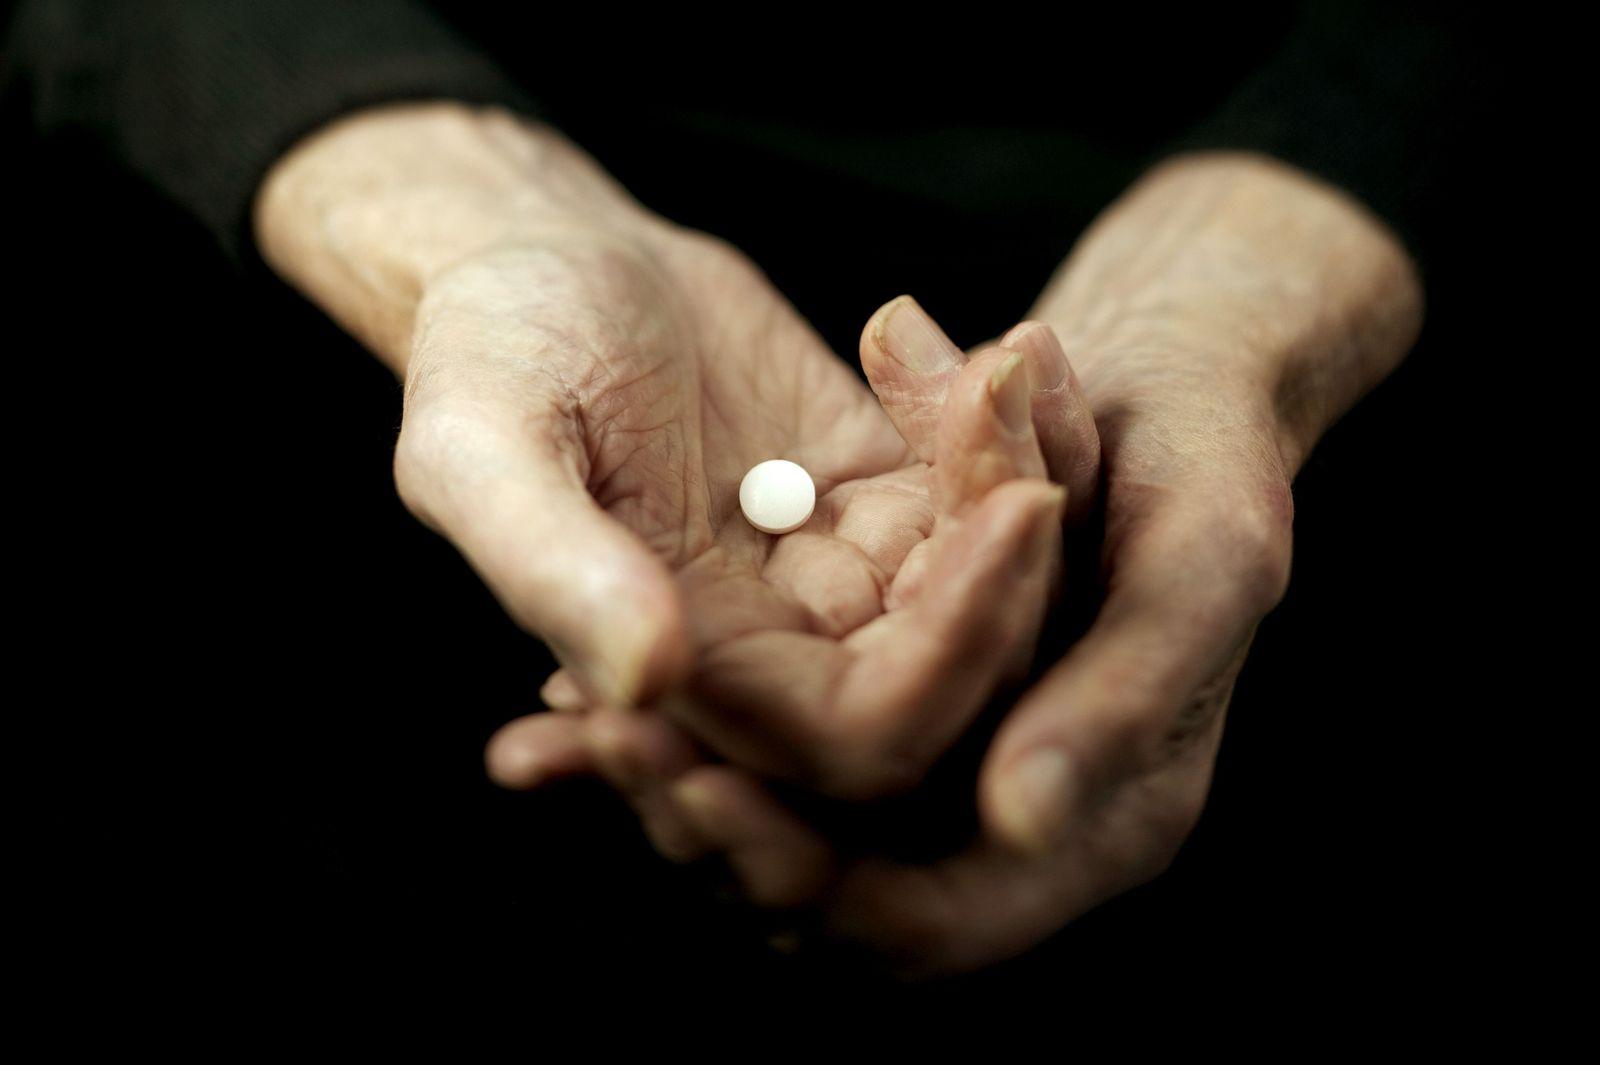 NICHT MEHR VERWENDEN! - Pillen / Todespille / Tablette